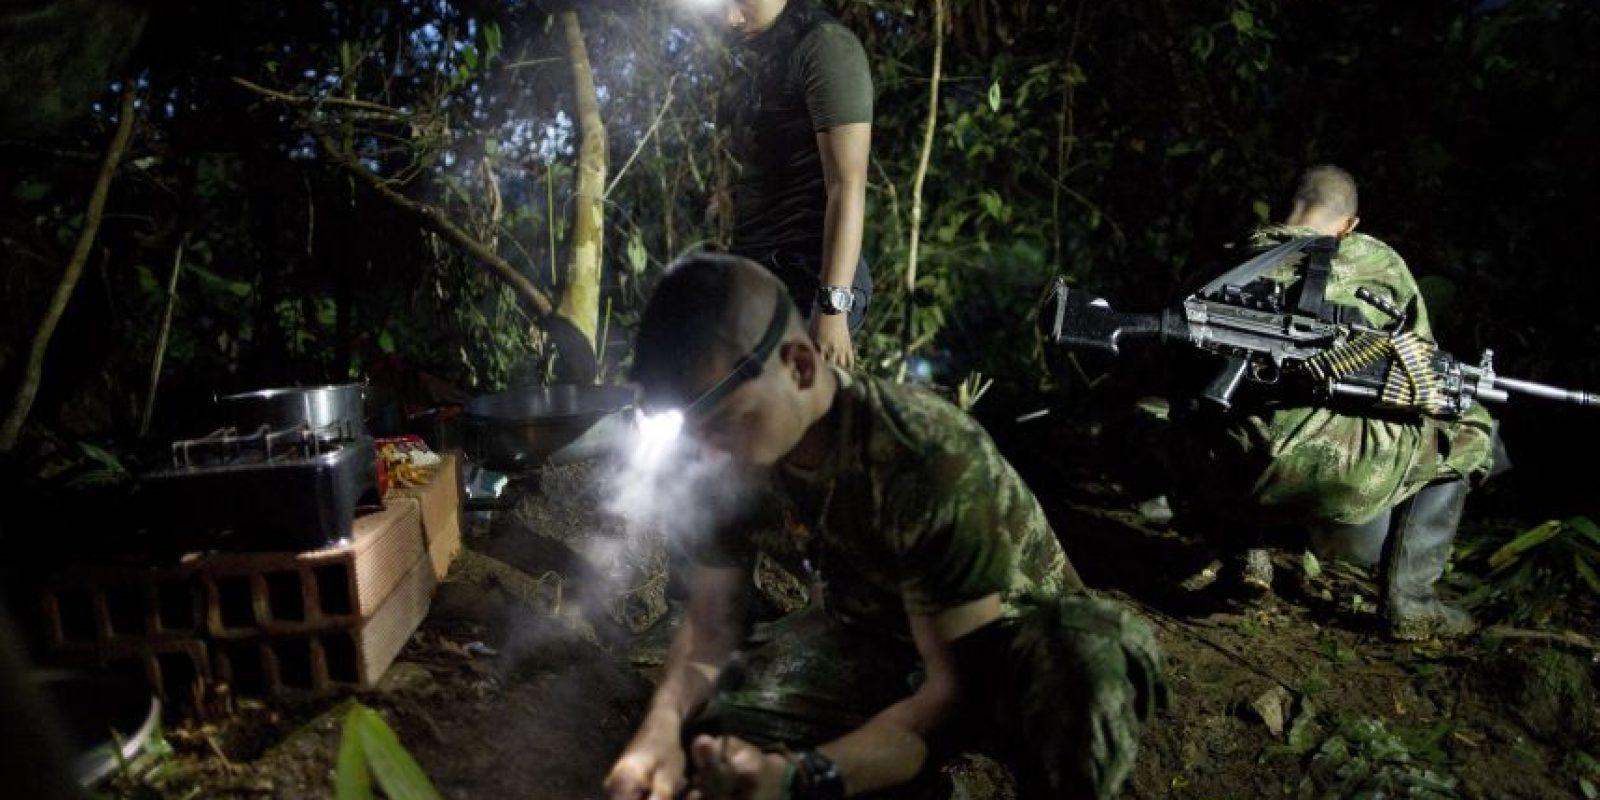 En esta imagen, tomada el 3 de enero, con la ayuda de linternas, combatientes del frente 36 de las Fuerzas Armadas Revolucionarias de Colombia, o FARC, preparan un desayuno a base de arroz, frijoles, salchichas y café, un campamento clandestino de la guerrilla en el estado de Antioquia, en el noroeste de los Alpes colombianos. La jornada comienza a las 4:30 dentro del asentamiento que comparten 22 guerrilleros rasos, 4 comandantes y dos perros. Todos colaboran en las tareas de la cocina. Foto:AP/ Rodrigo Abd